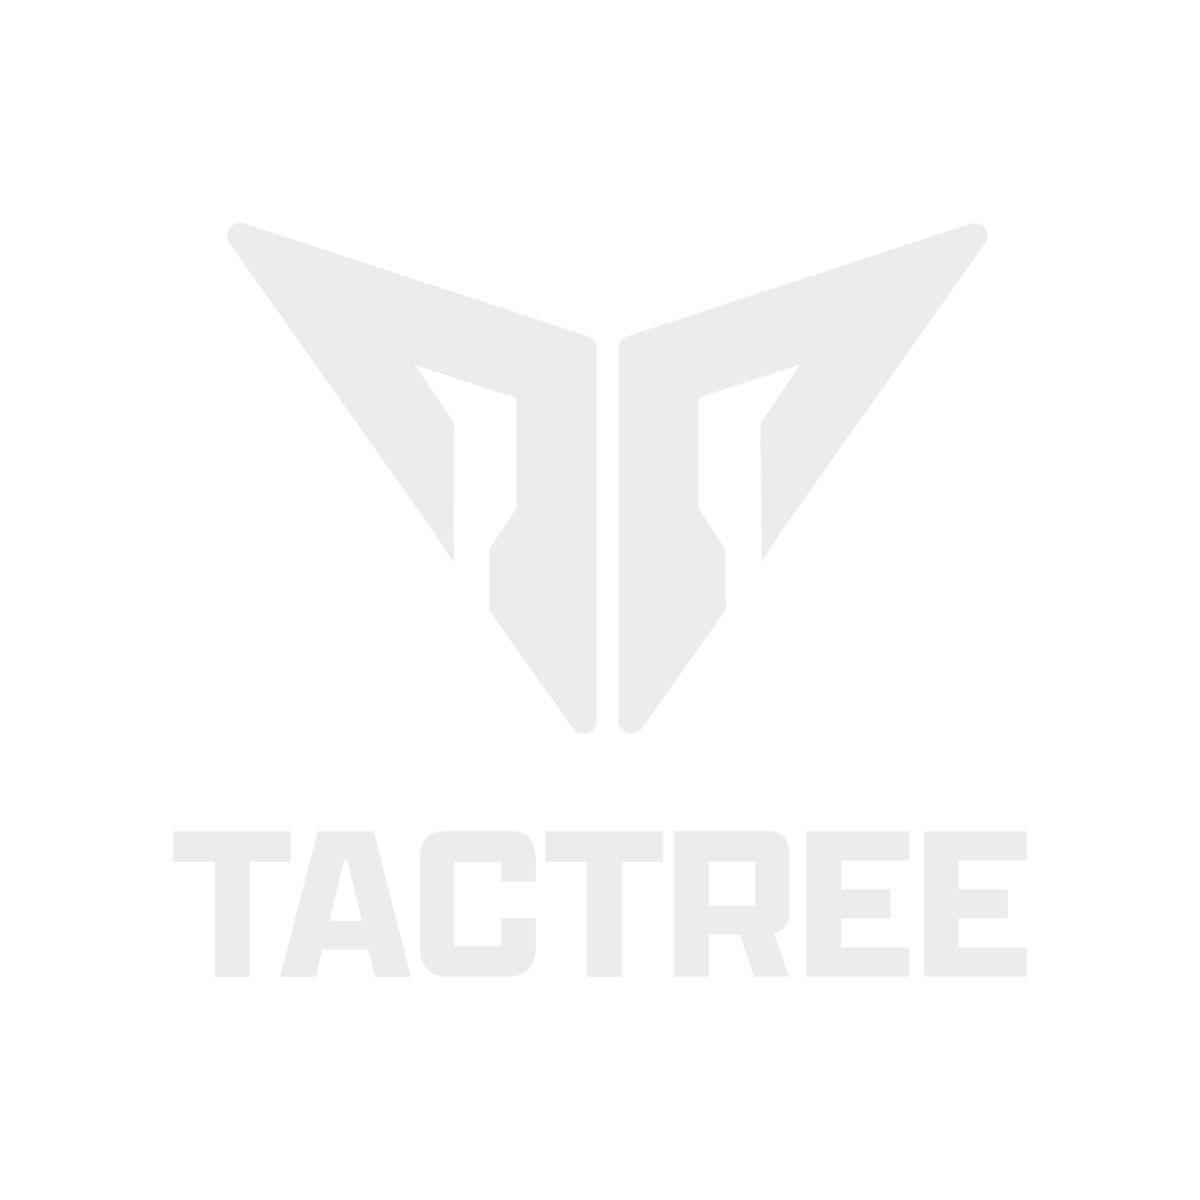 Maxpedition TacTie Attachment Straps (5 inch)